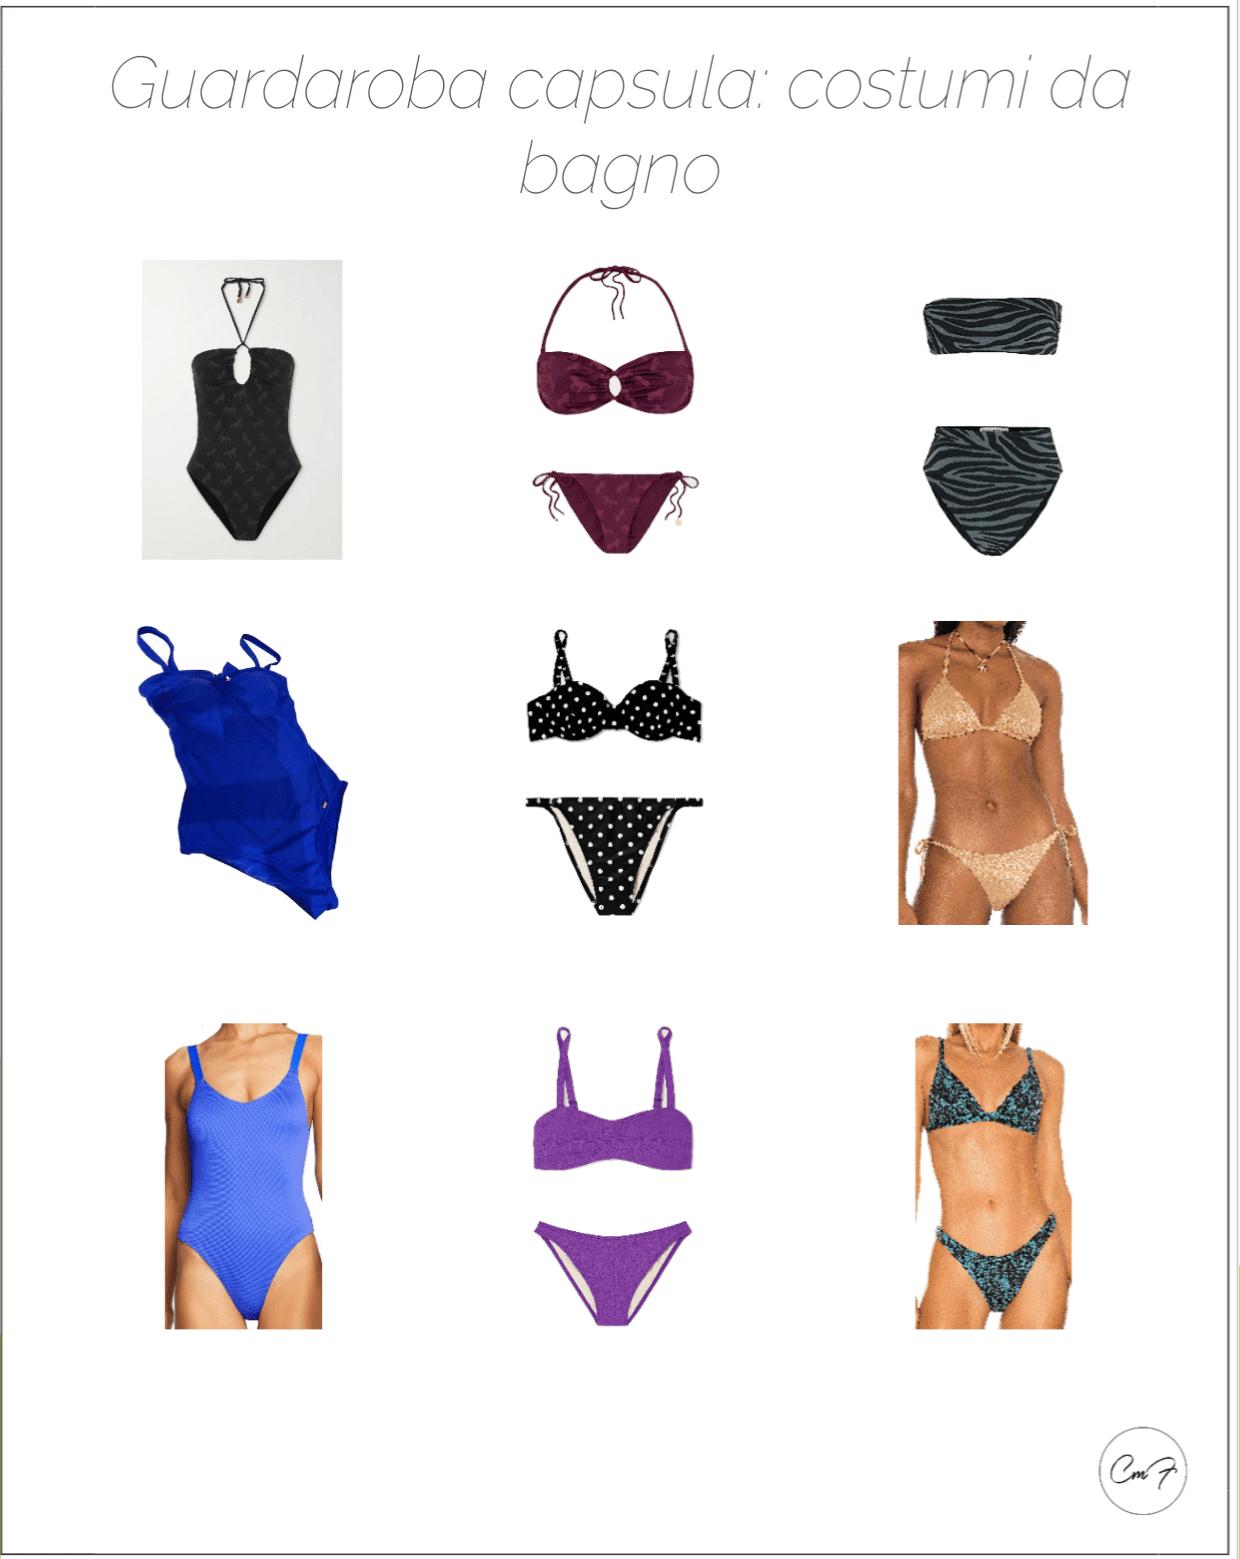 costumi da bagno per il guardaroba capsula, tre costumi interi, tre bikini semplici e tre bikini per occasioni speciali